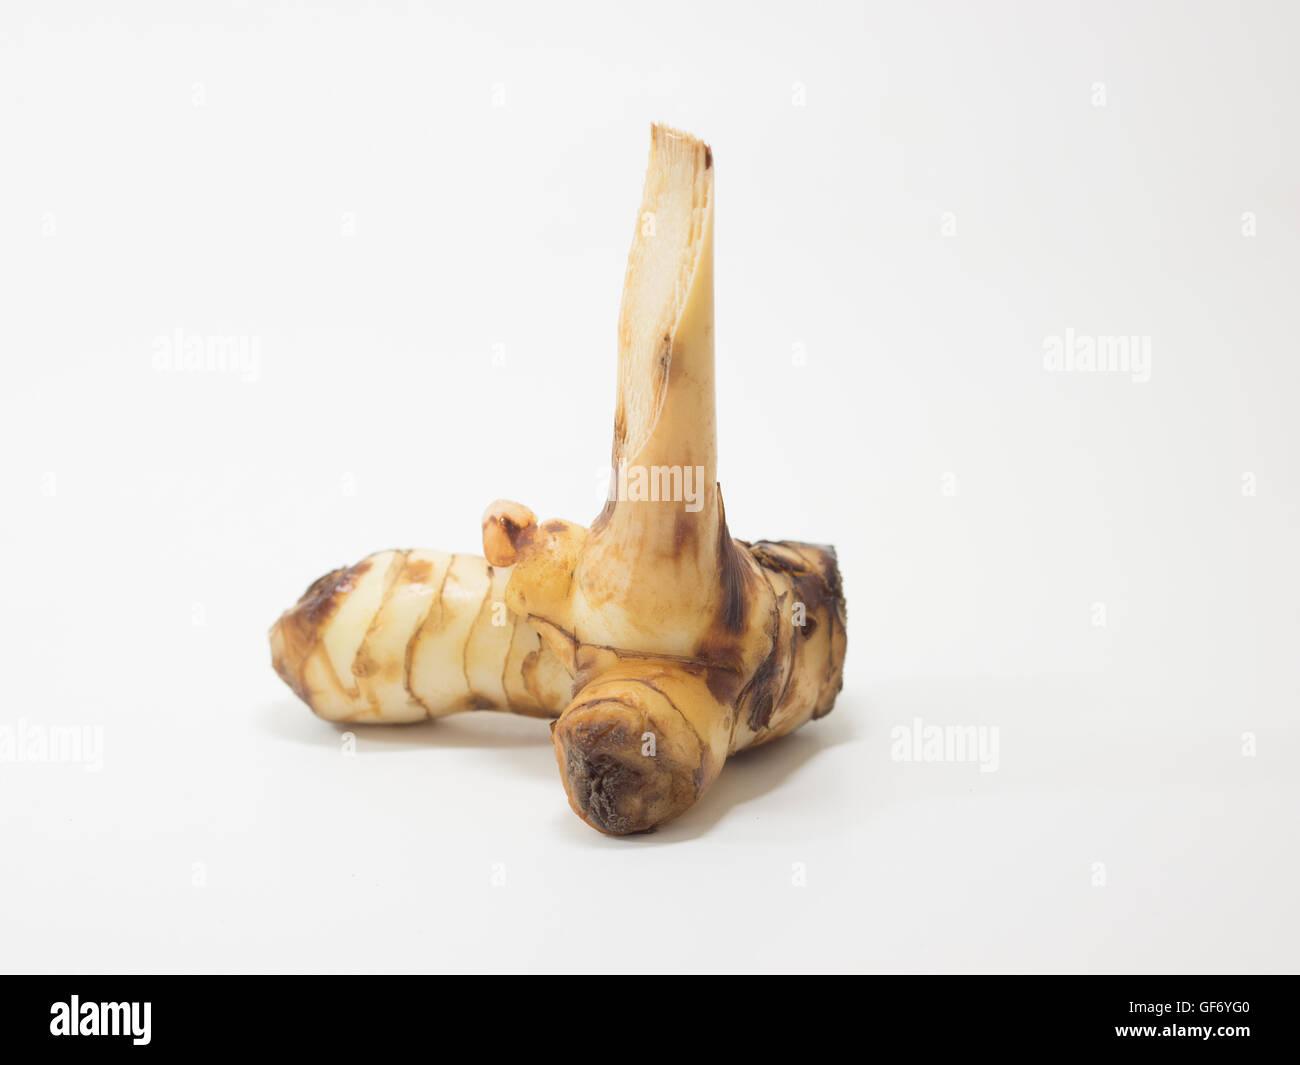 Plantes médicinales Herbes ingrédients épices aromatisantes assaisonnement alimentaire galanga rhizome Photo Stock